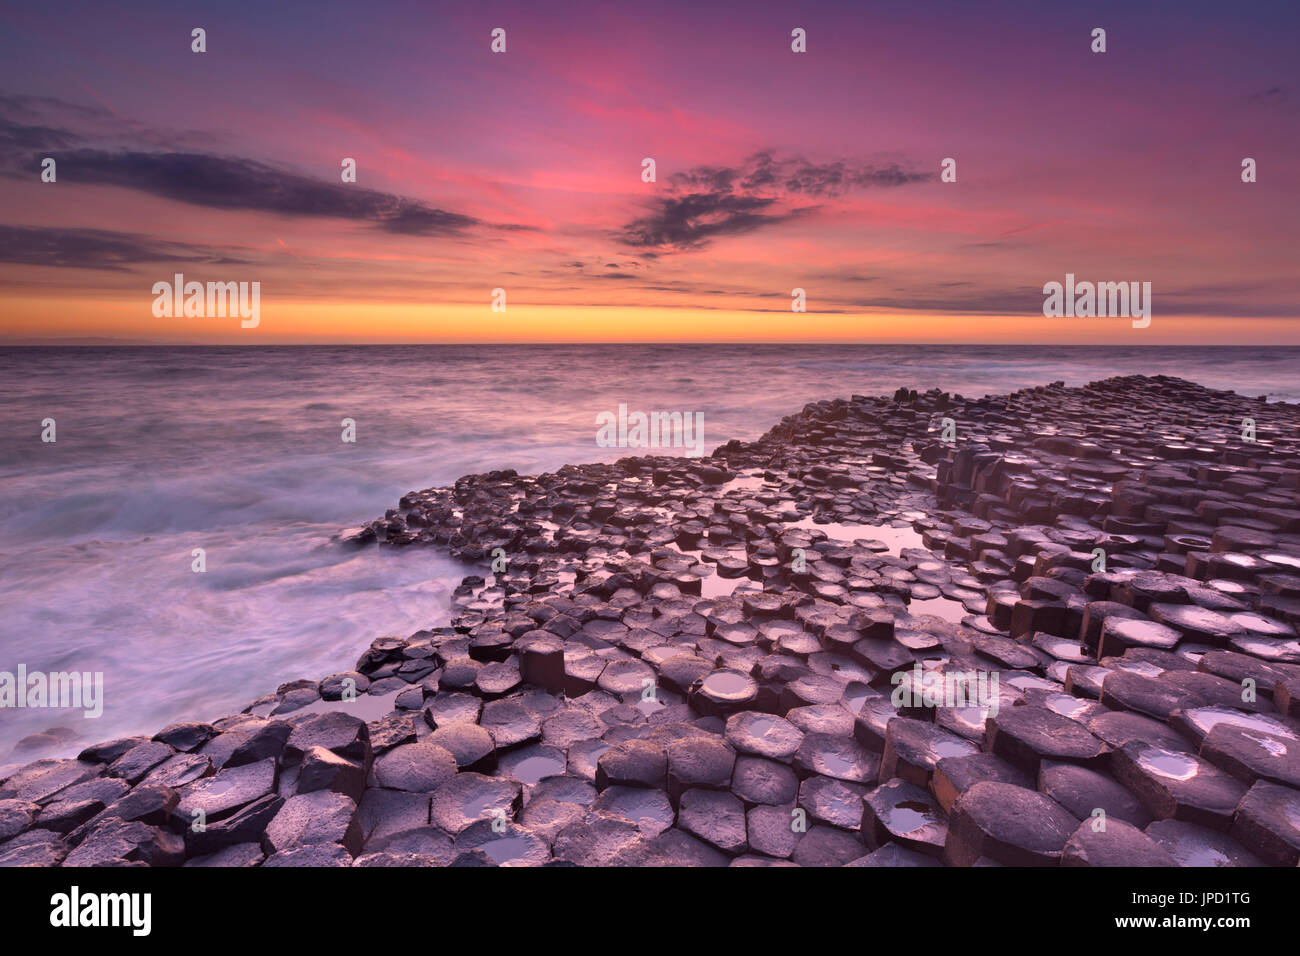 Sonnenuntergang über den Basalt Felsformationen des Giant's Causeway auf der Küste Nordirlands. Stockbild